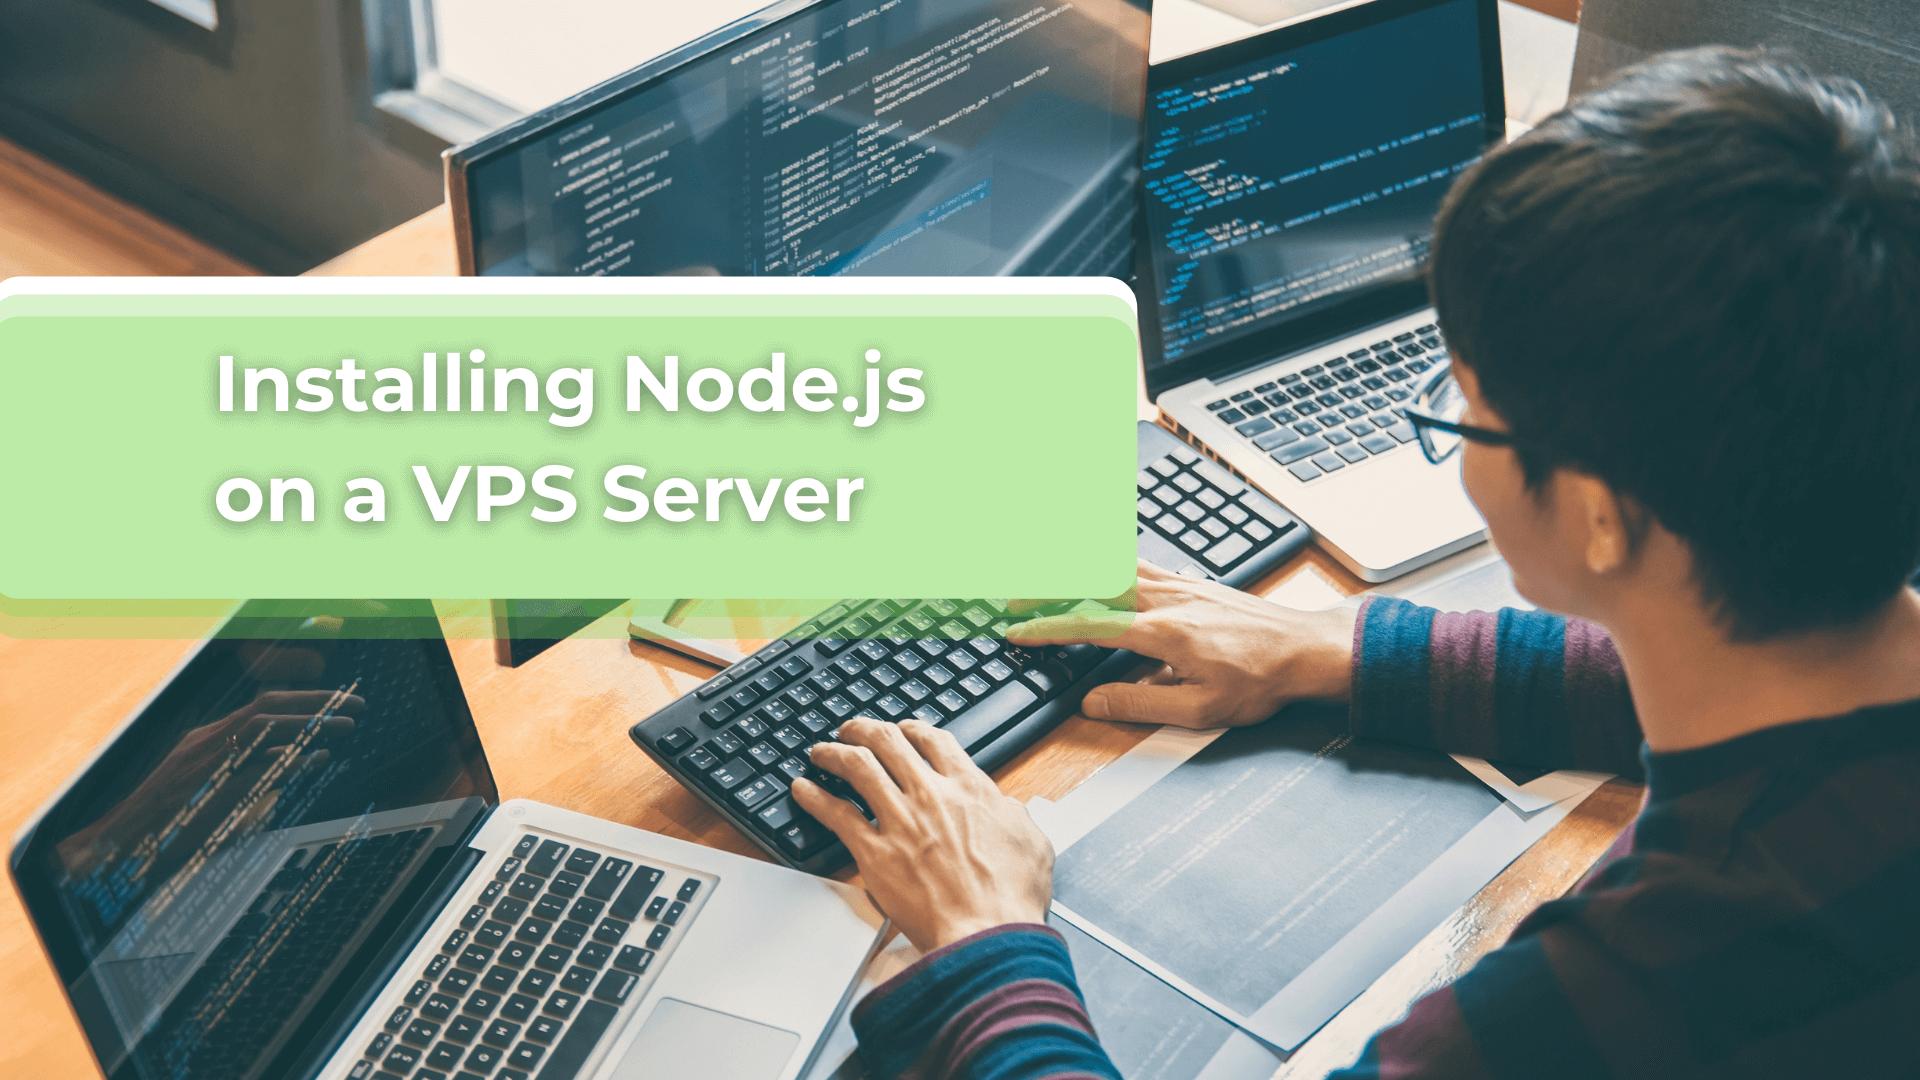 Installing Node.js on a VPS Server